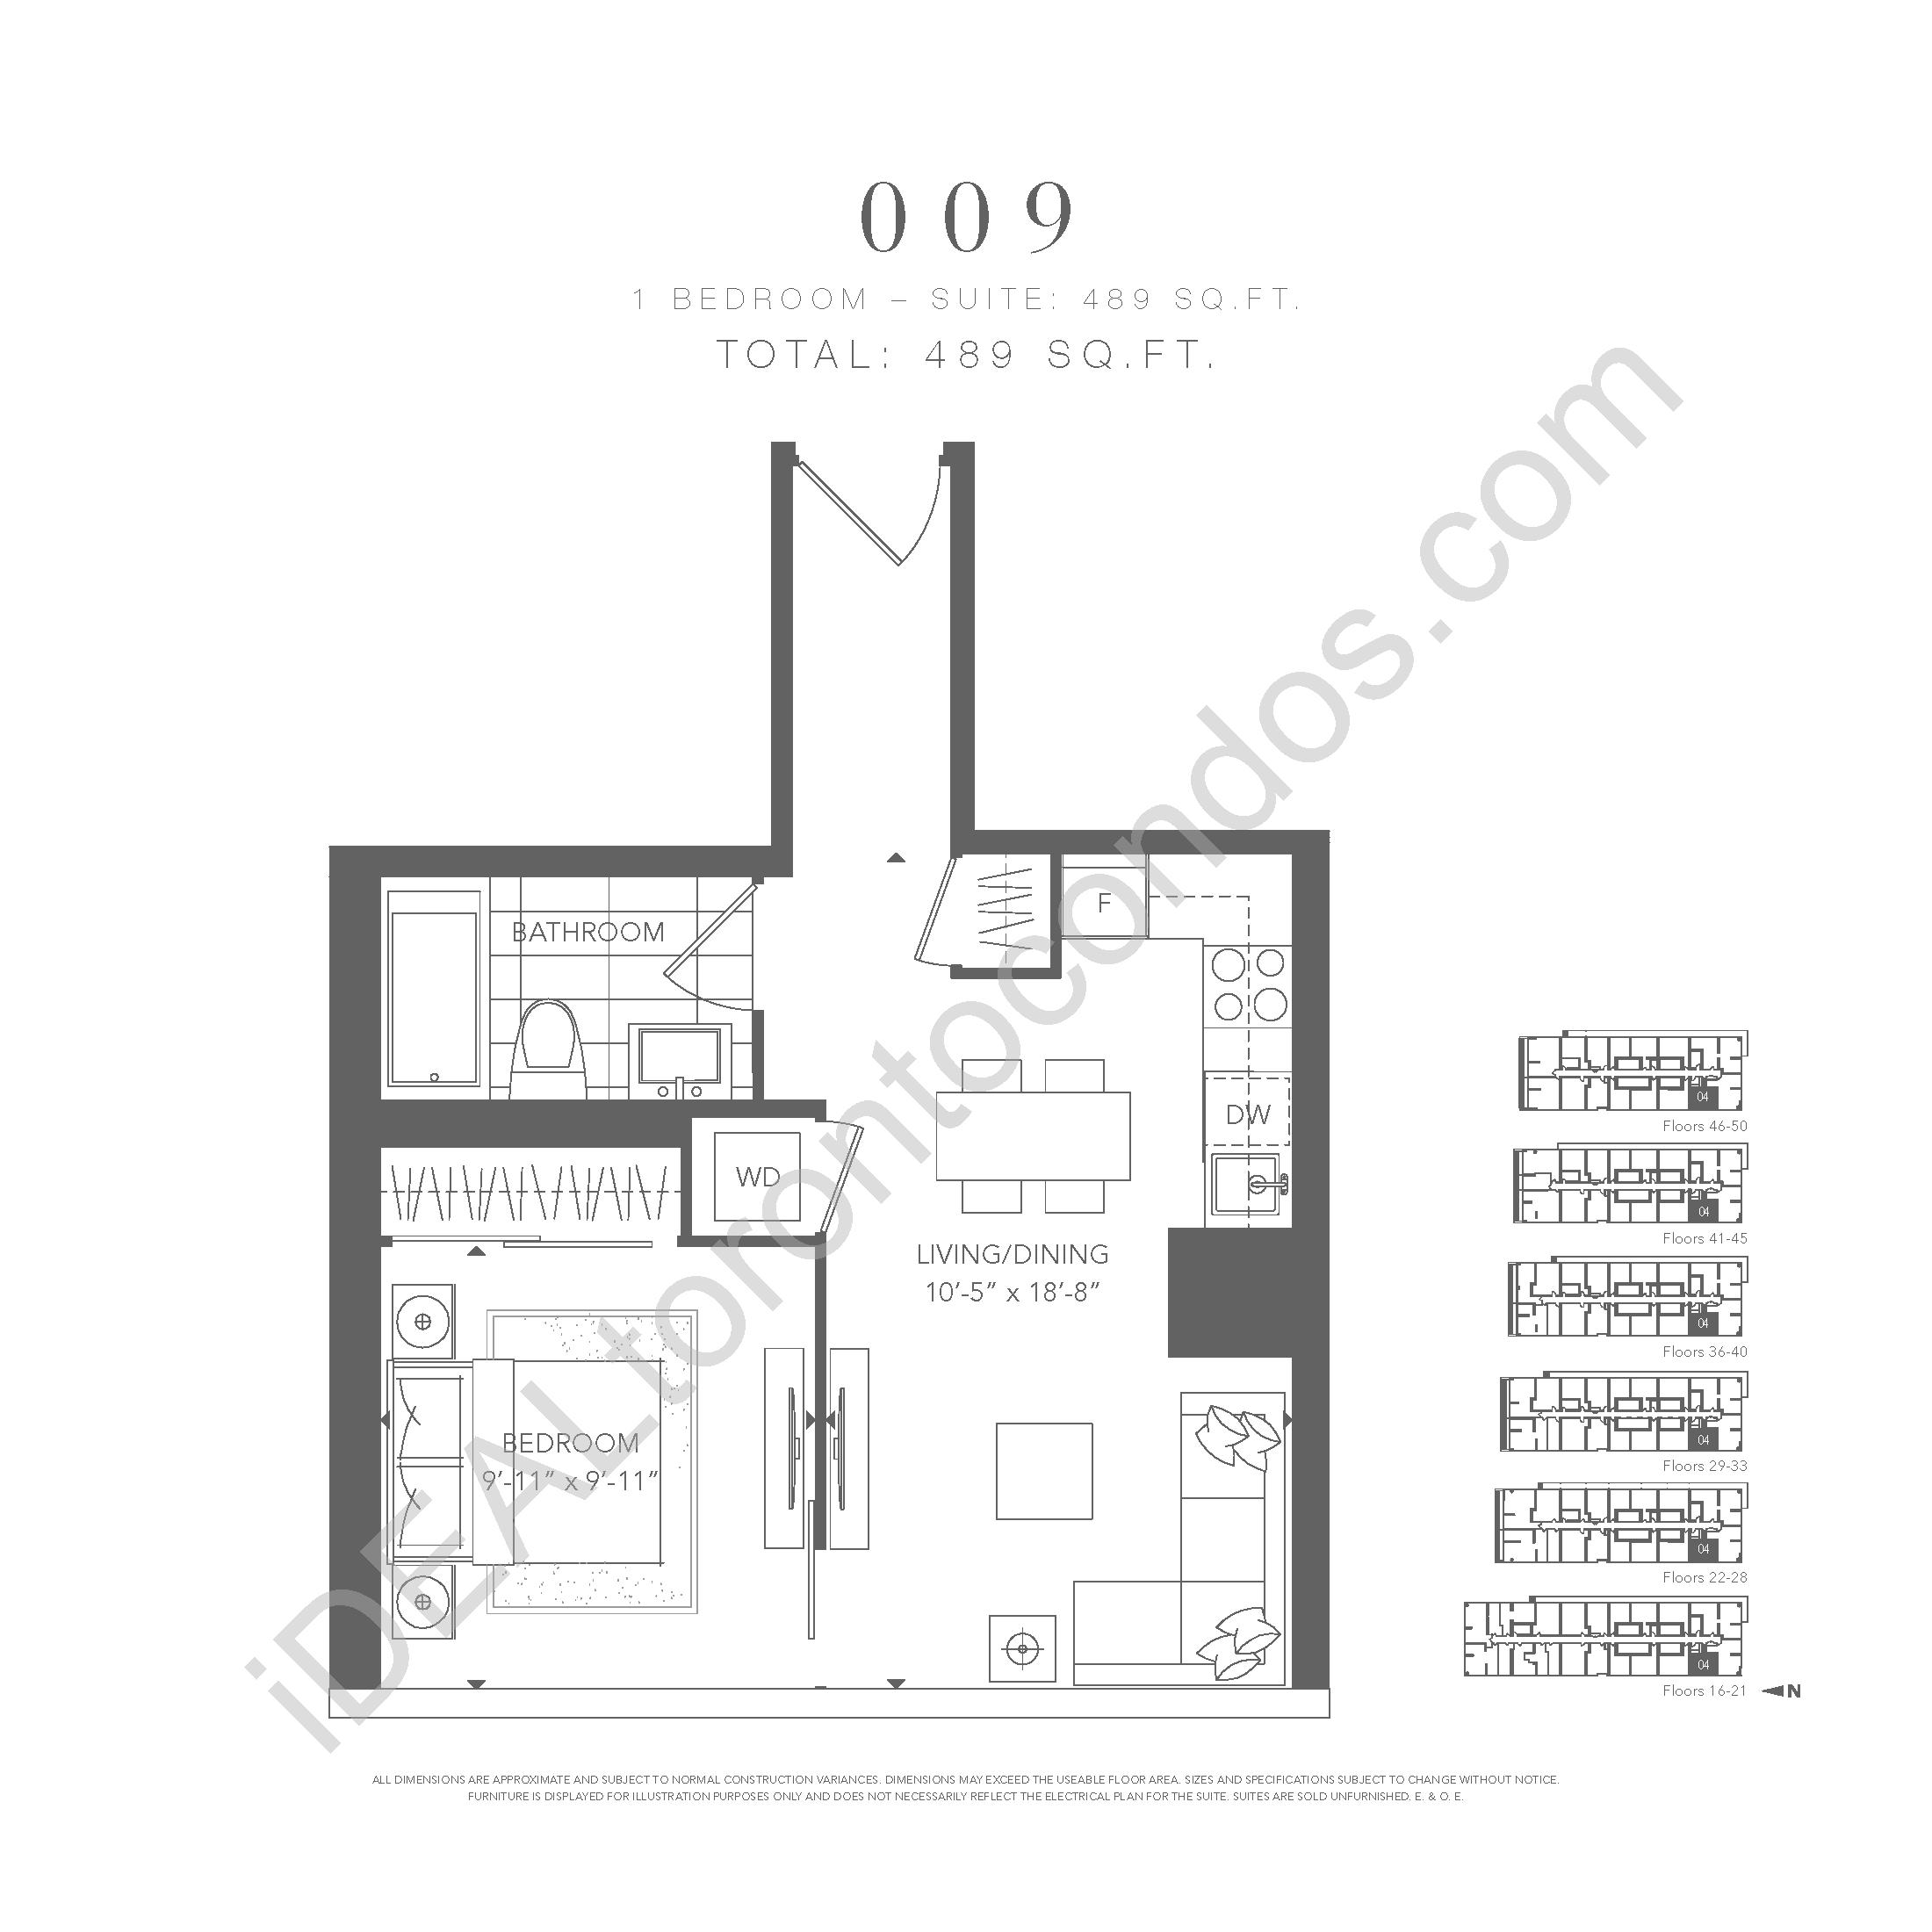 1 bedroom 009